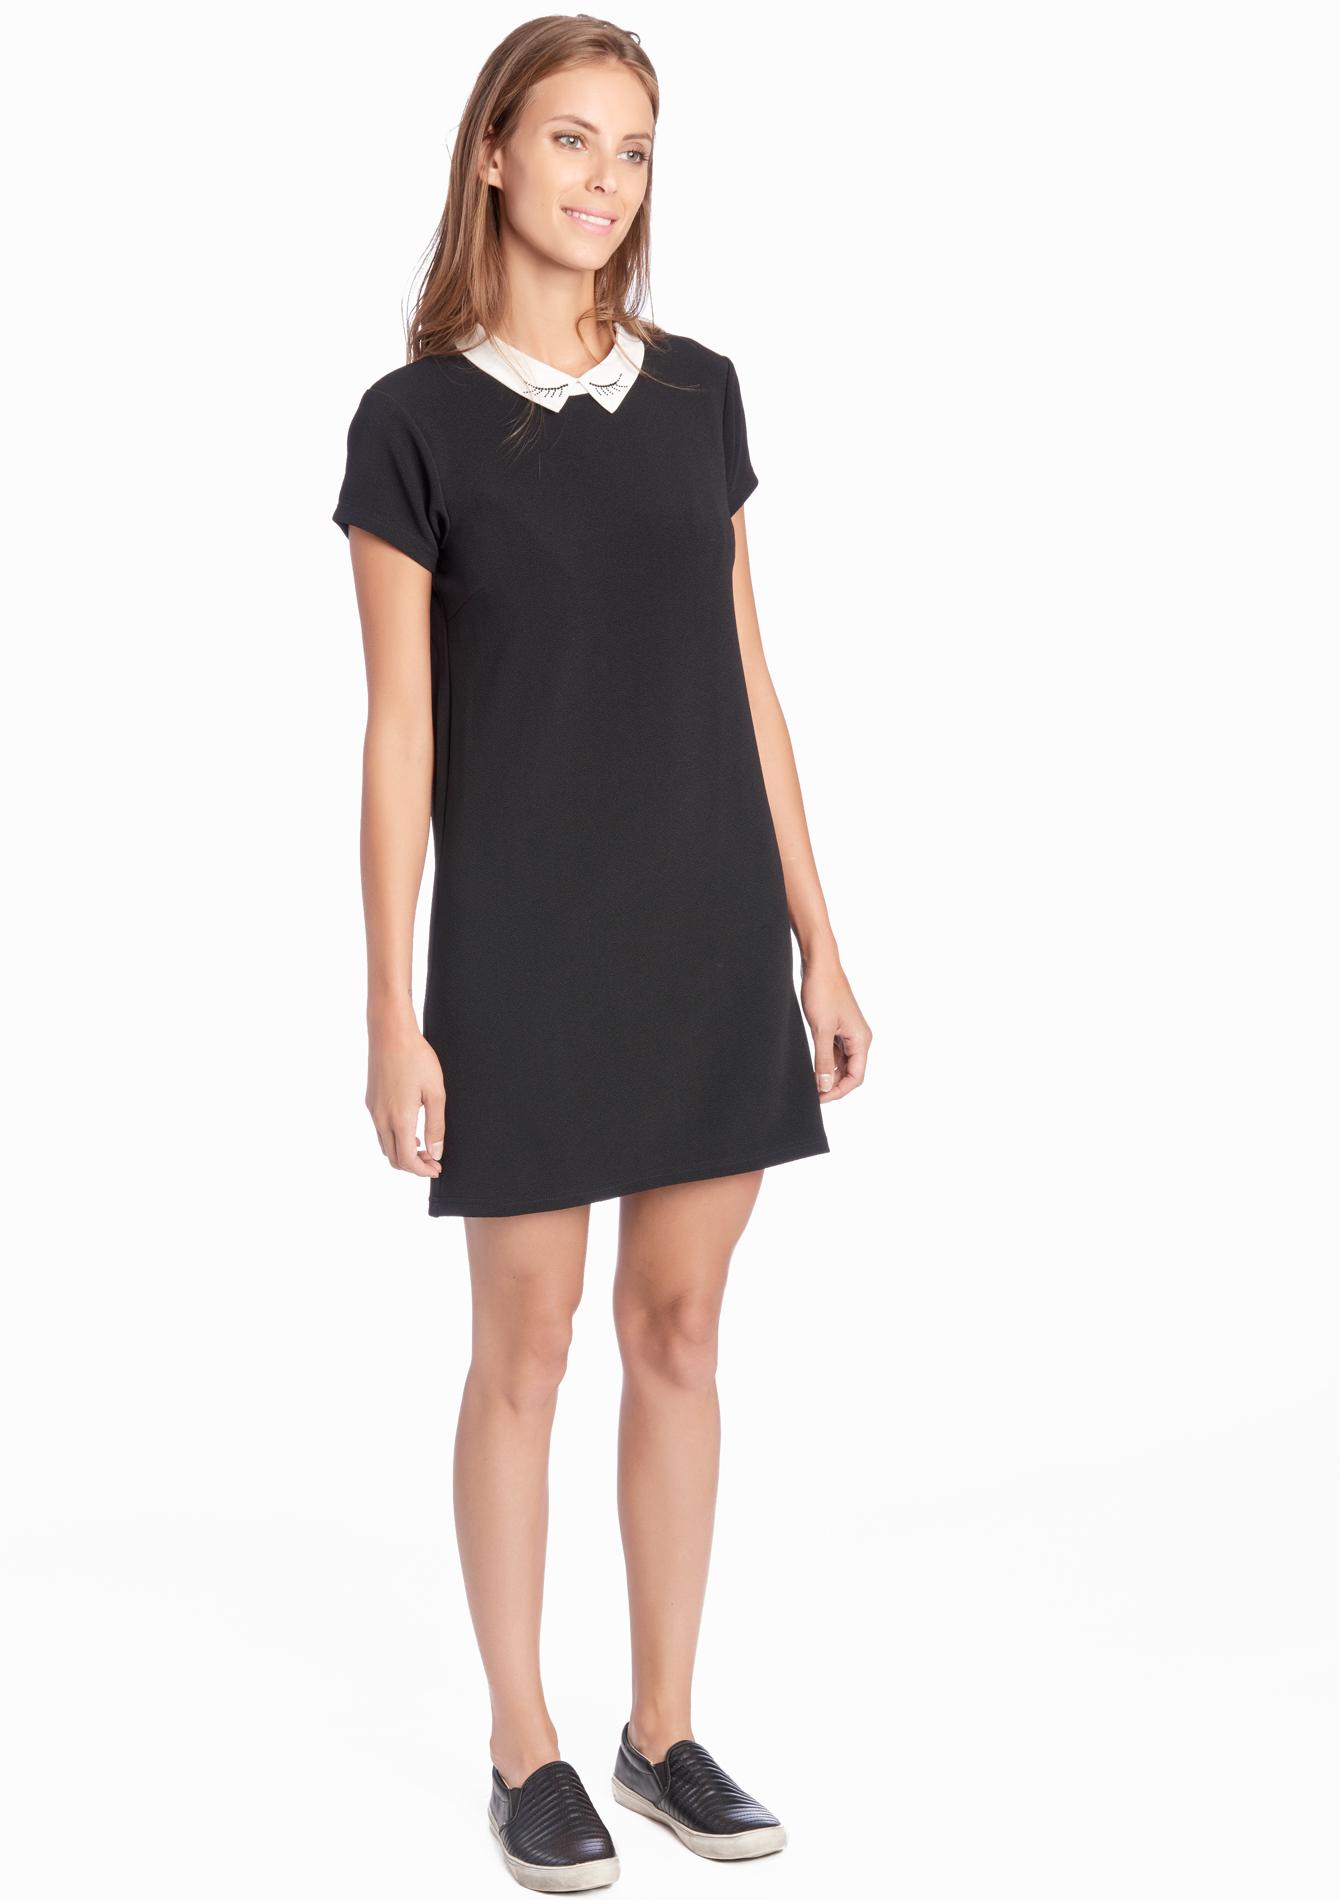 robe noir avec col claudine blanc les meilleures robes de france. Black Bedroom Furniture Sets. Home Design Ideas